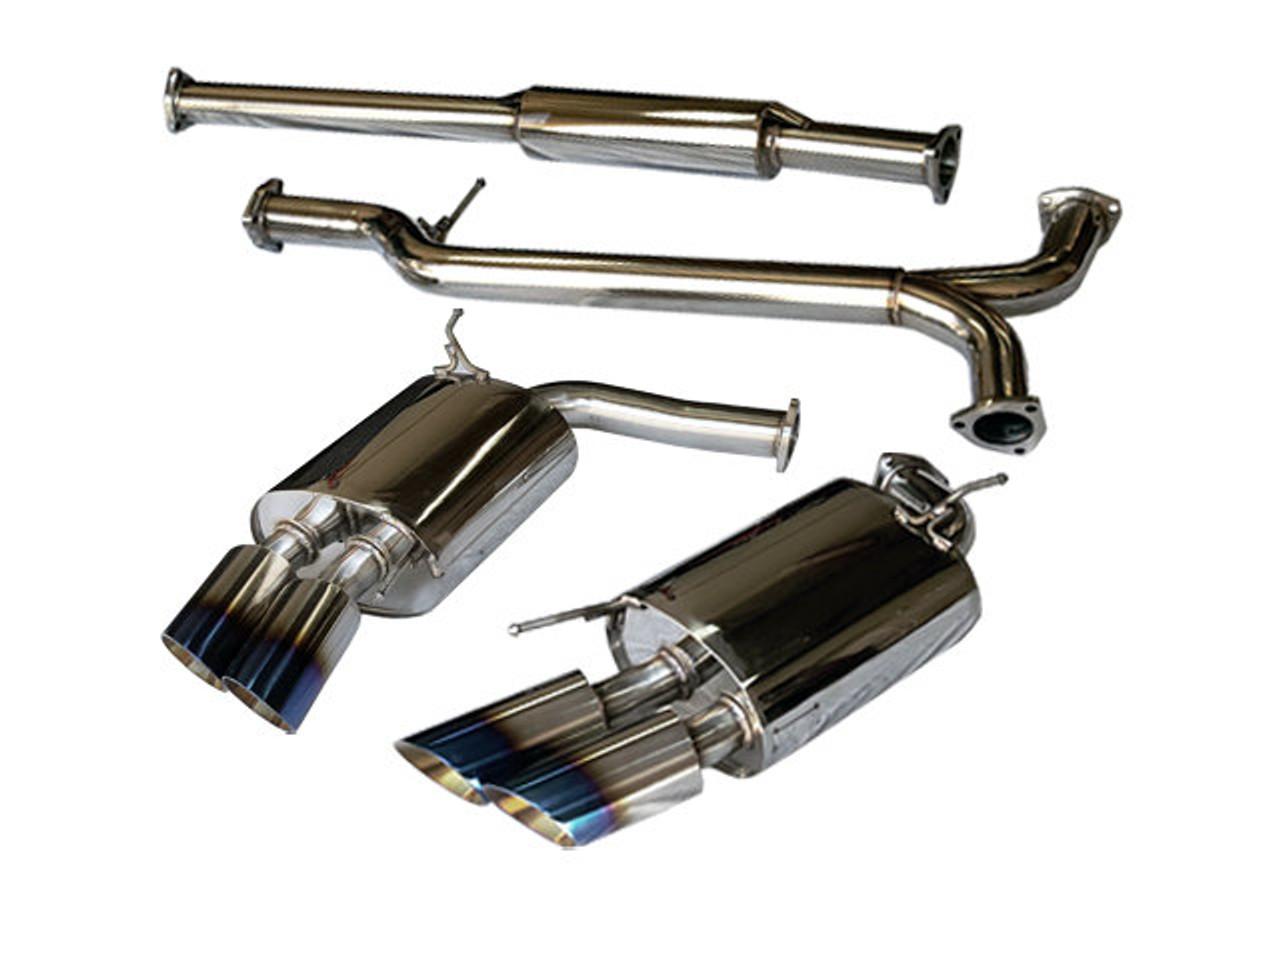 tsudo acura 2007 08 tl type s se titanium quad tips catback exhaust